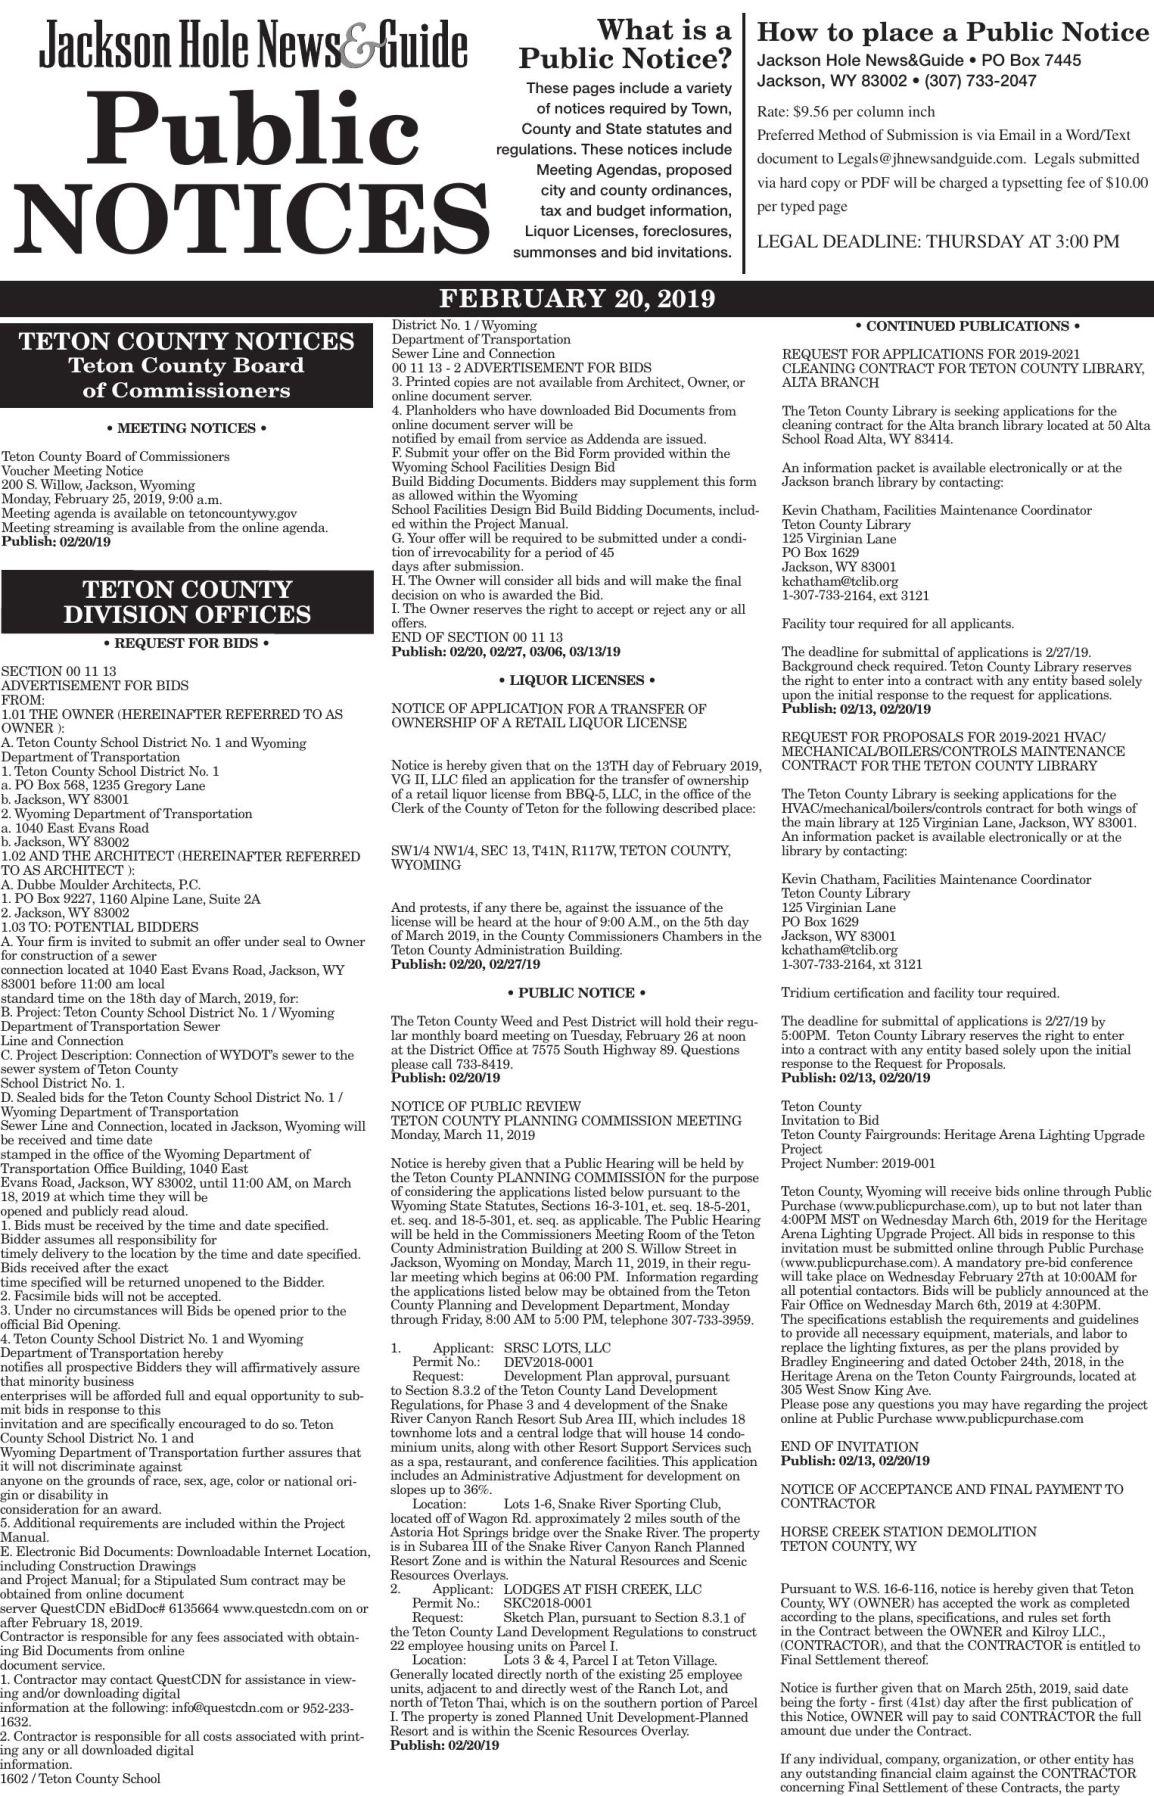 Public Notices, Feb. 20, 2019